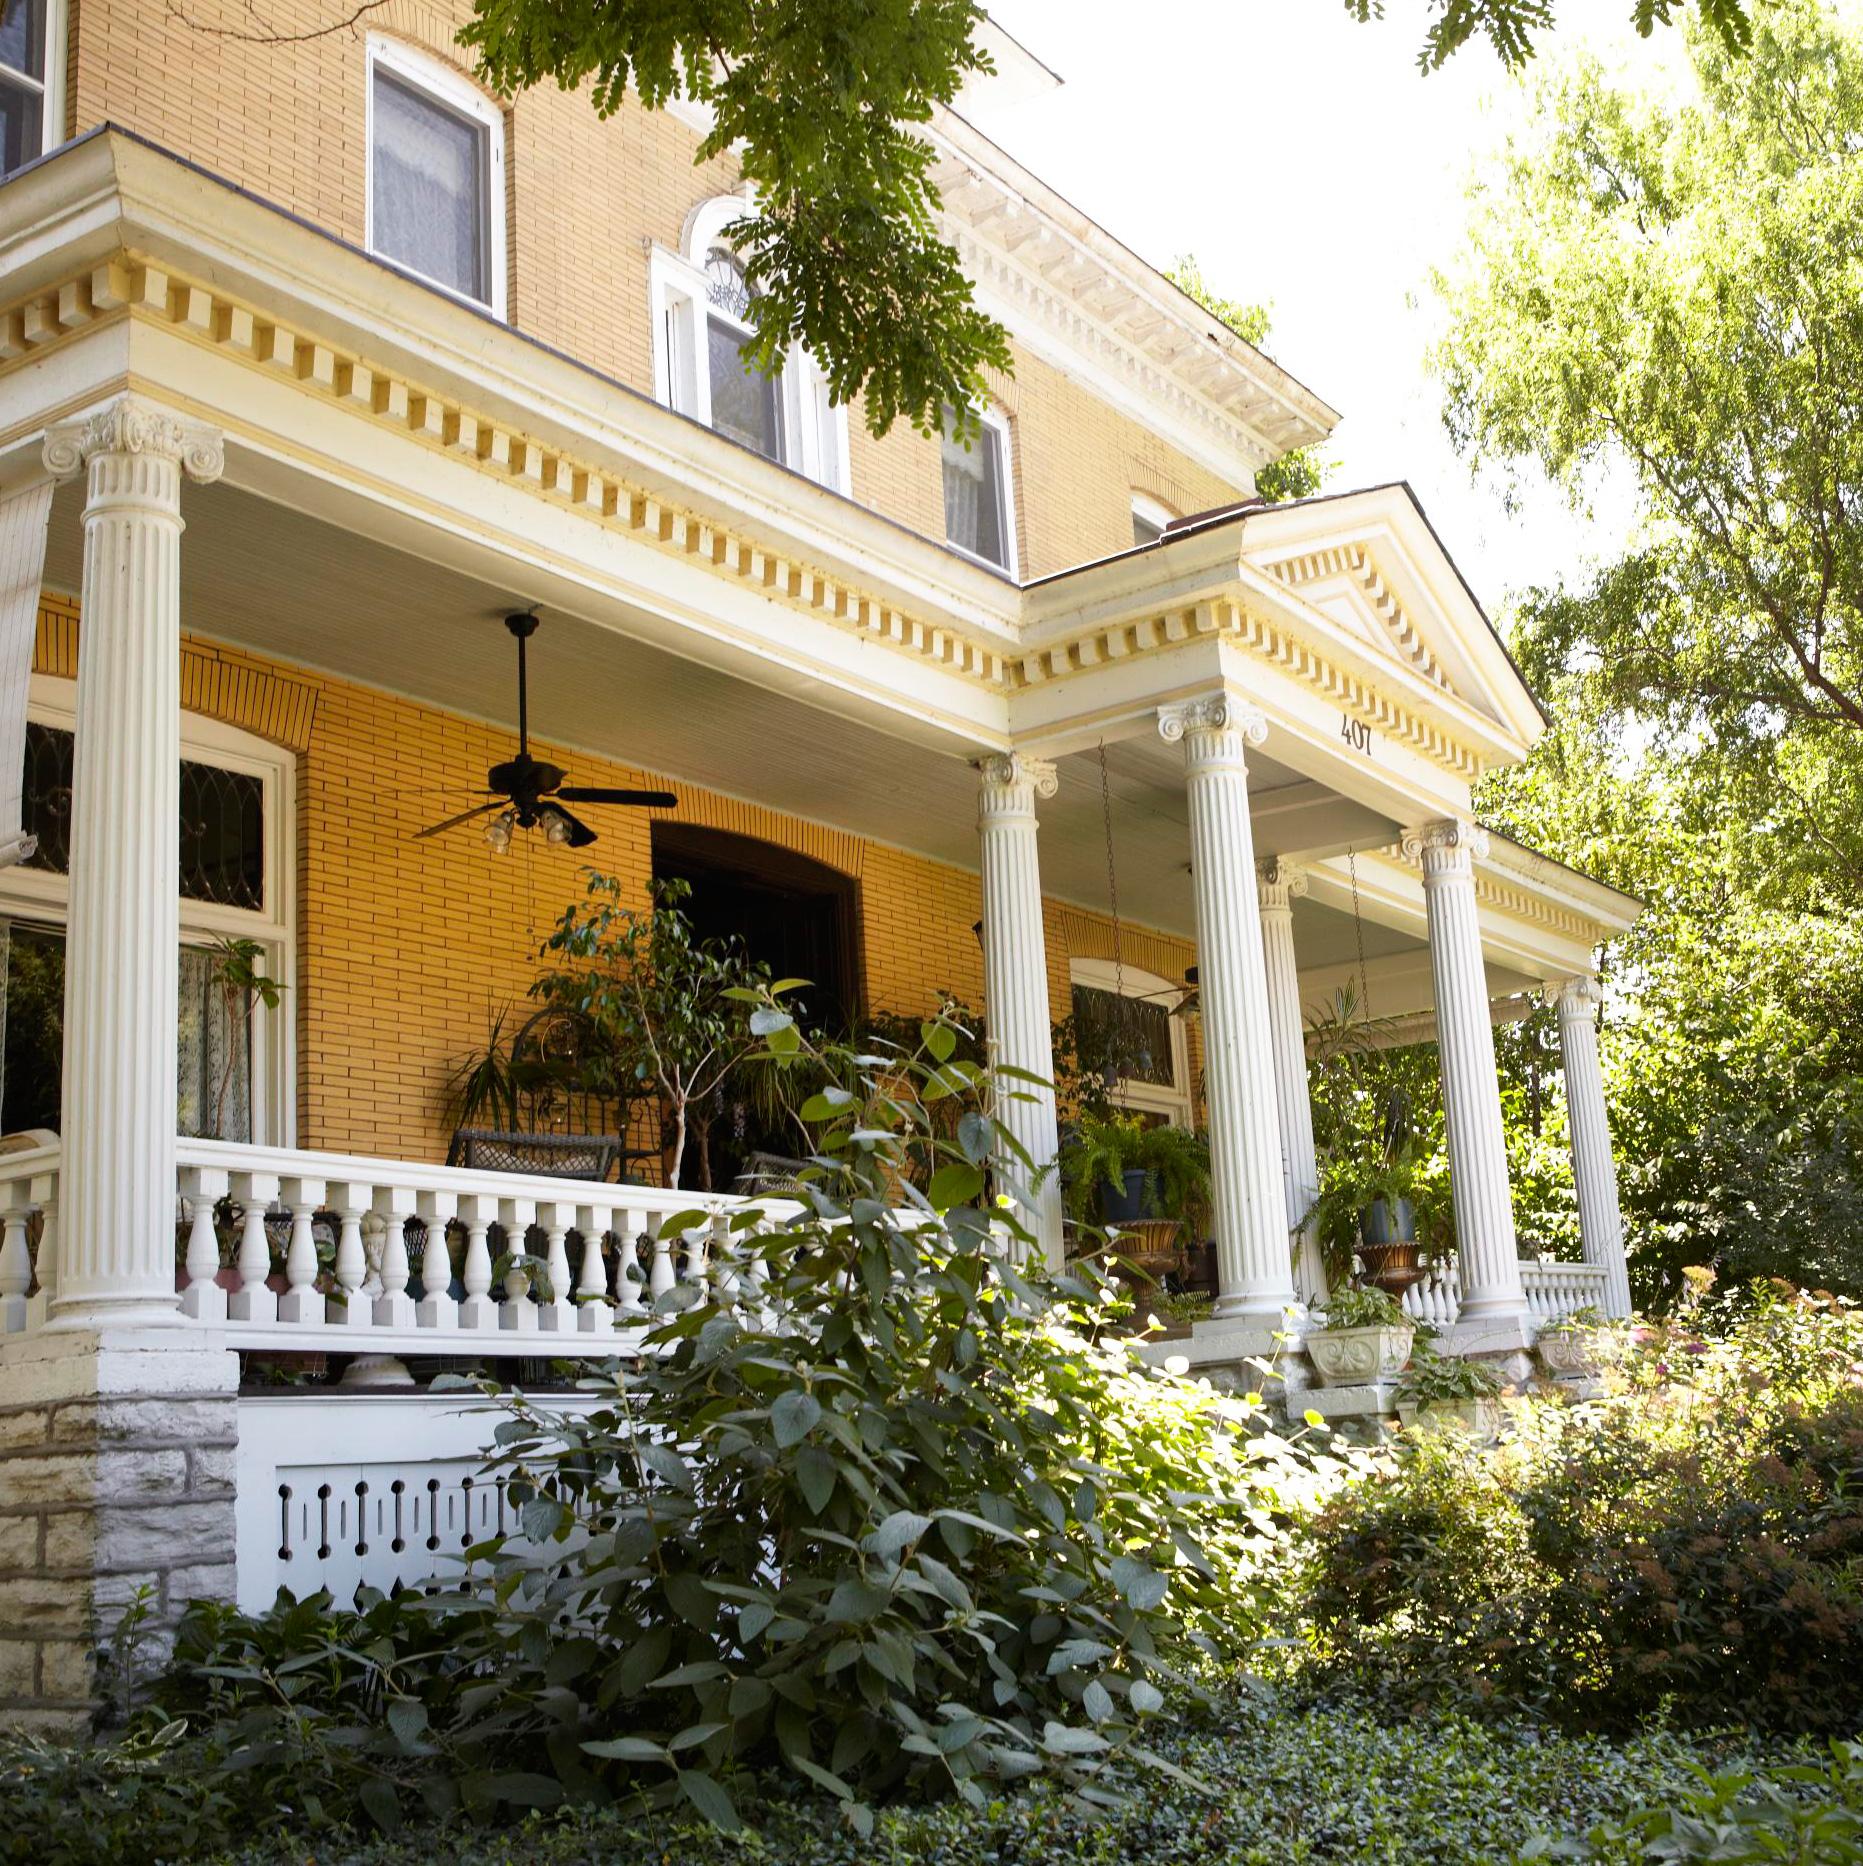 Alton, Illinois: Beall Mansion